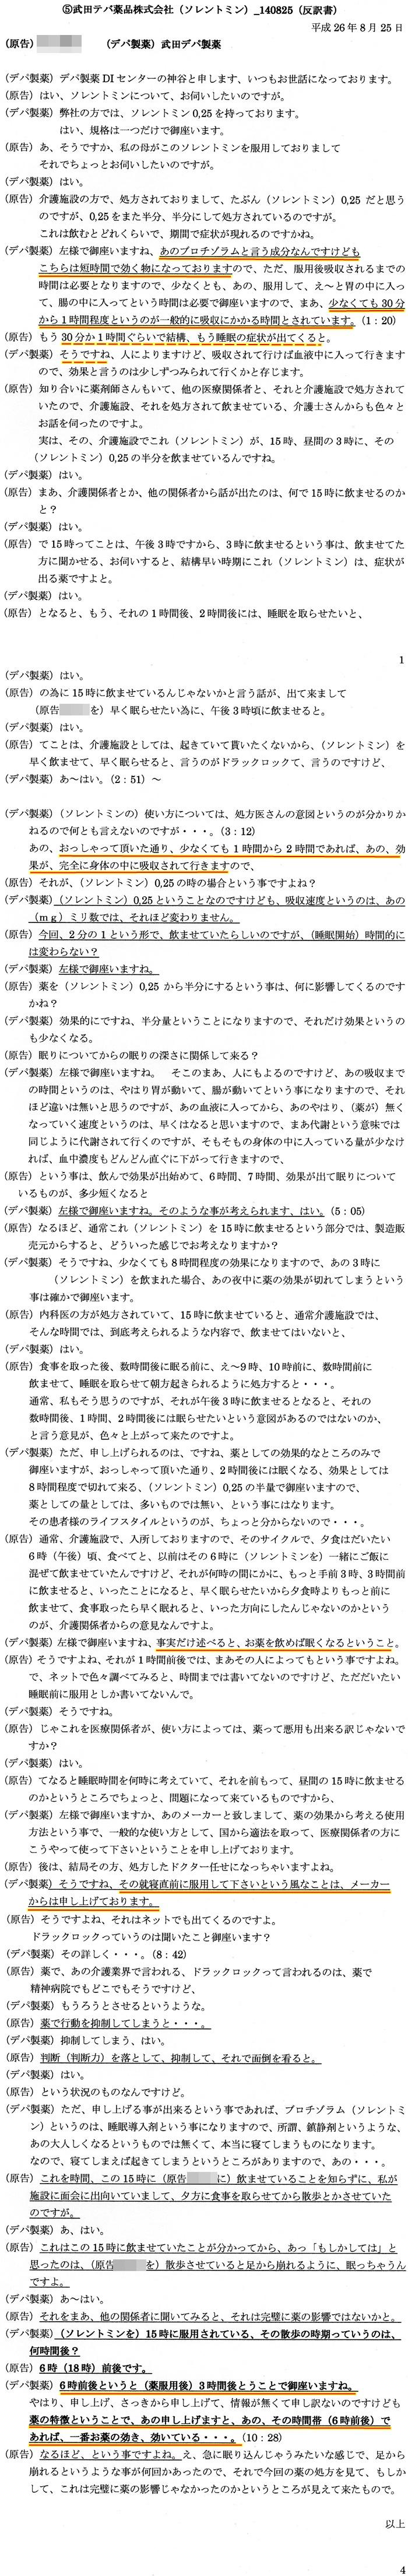 武田テバ薬品株式会社(ソレントミン)(反訳書)片岡孝施設長 松徳会 もてぎの森うごうだ城